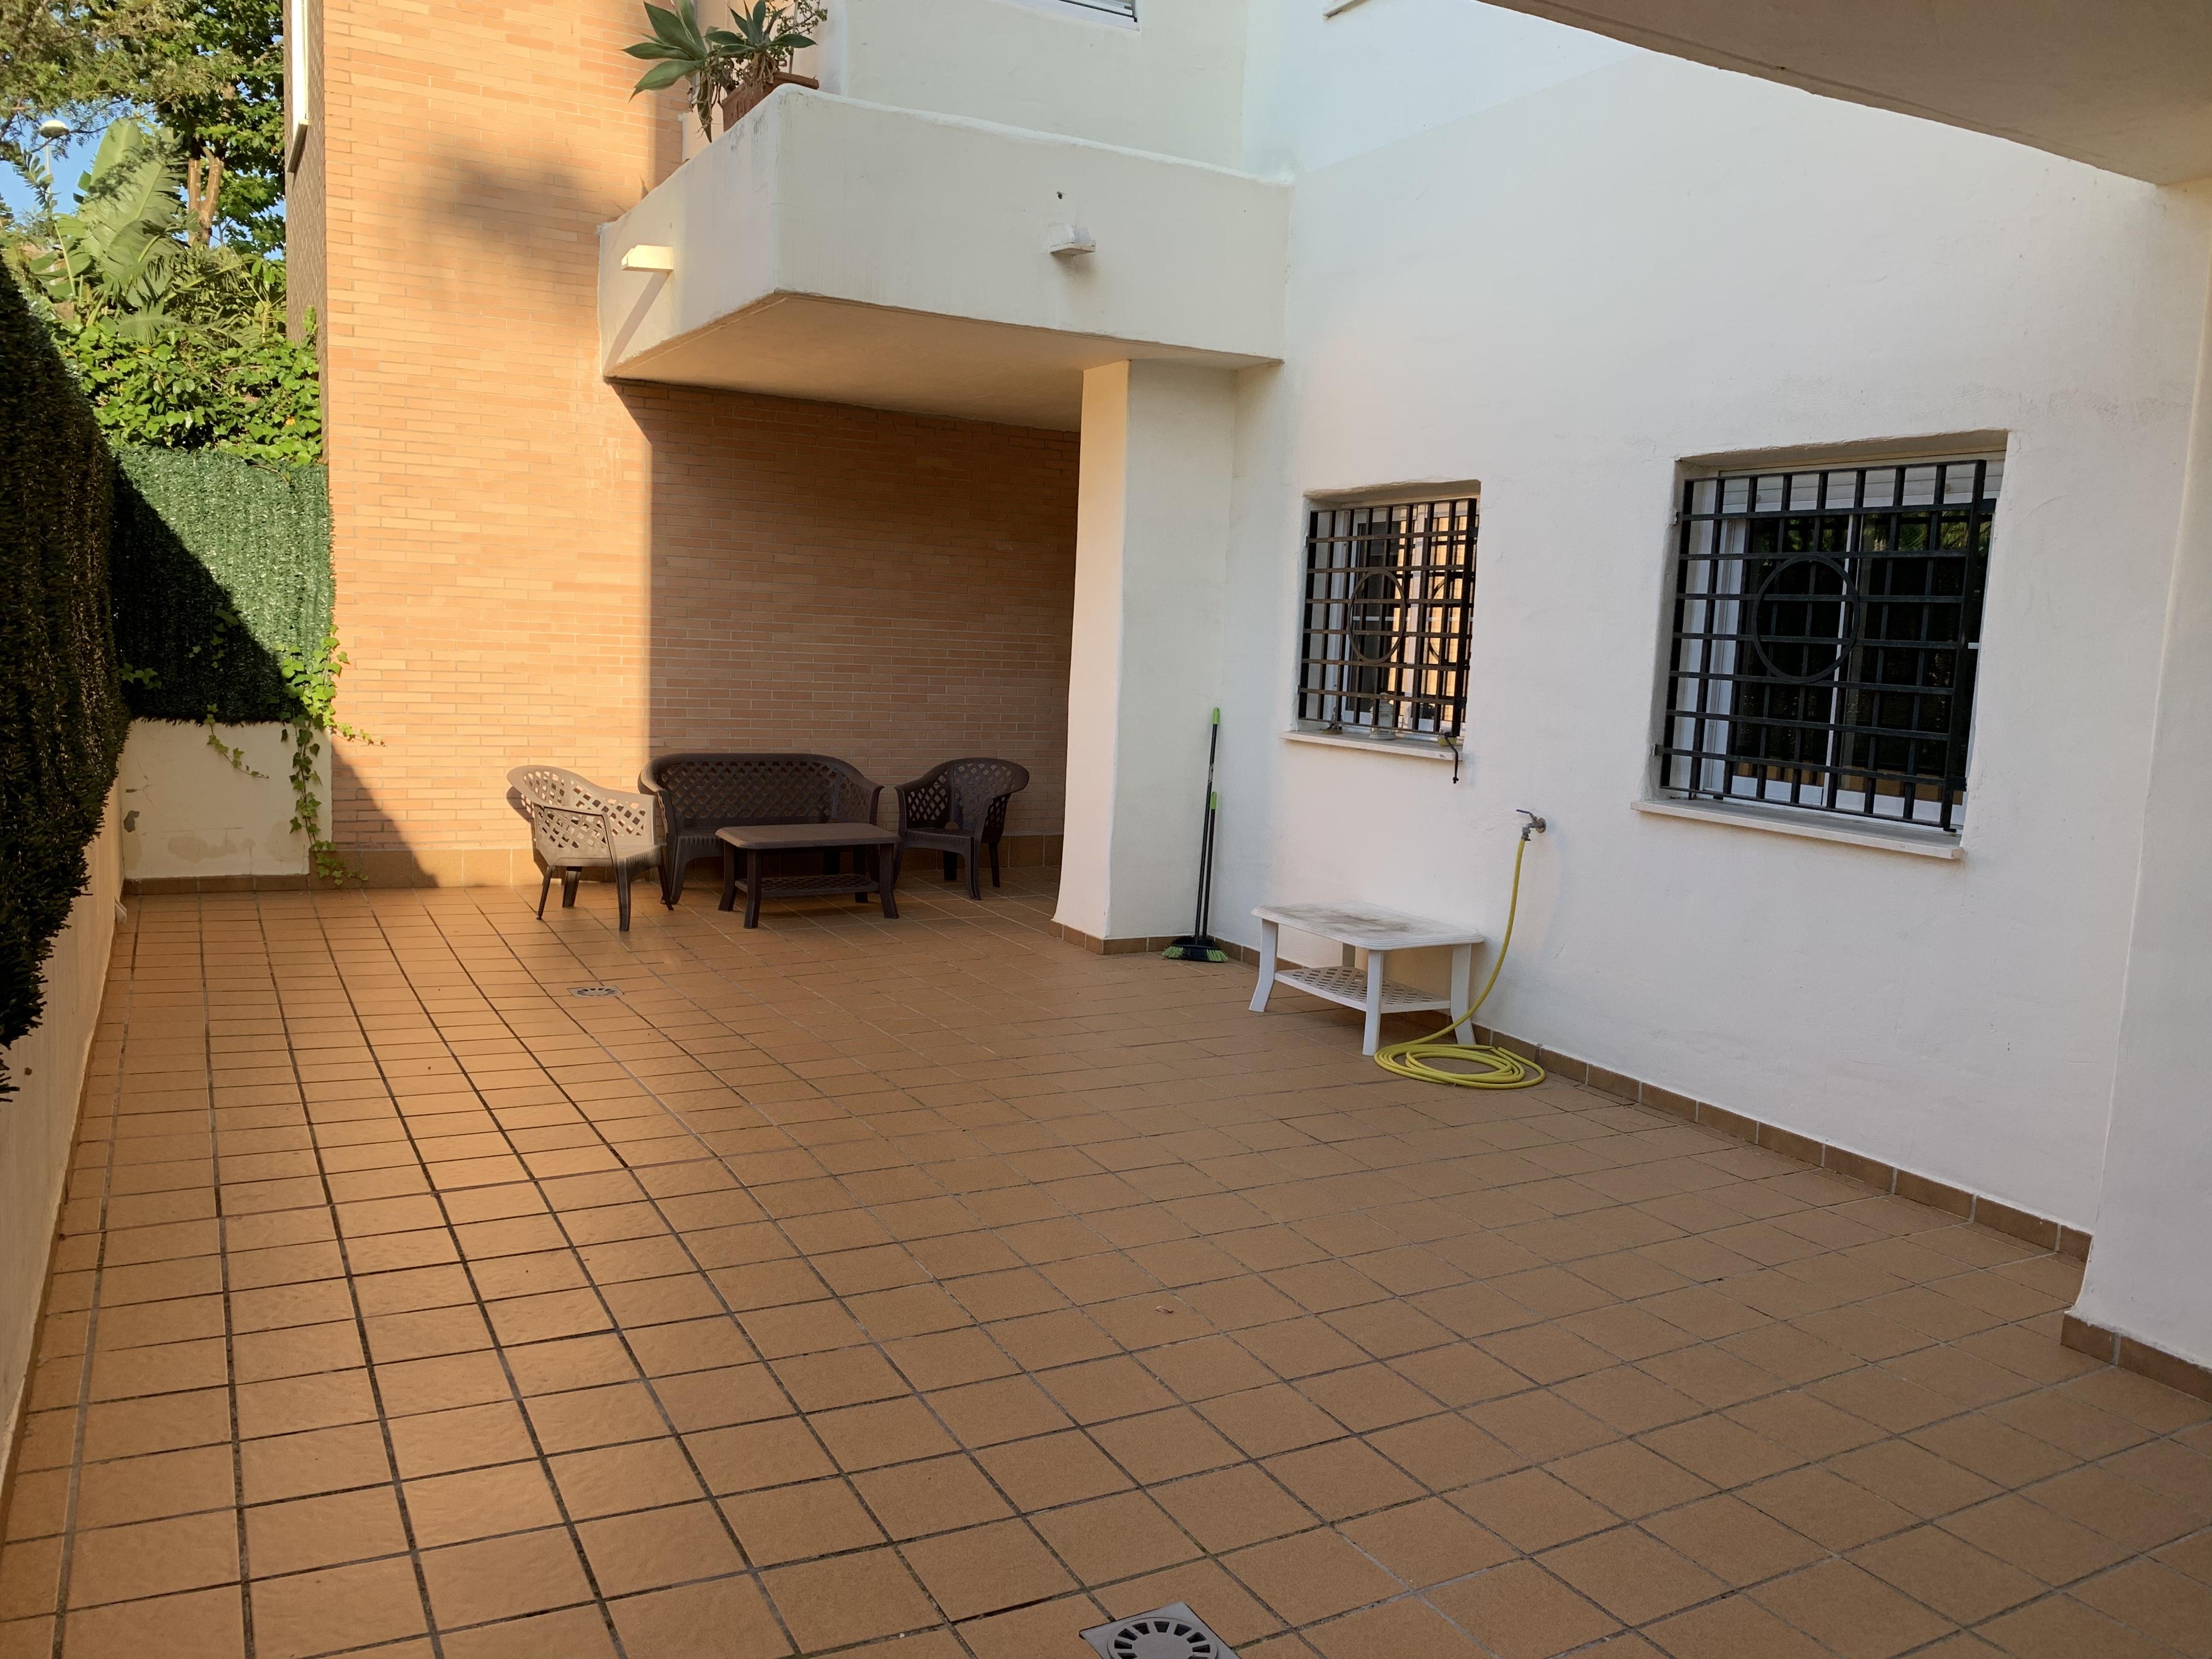 Terraza-Patio de 55m2